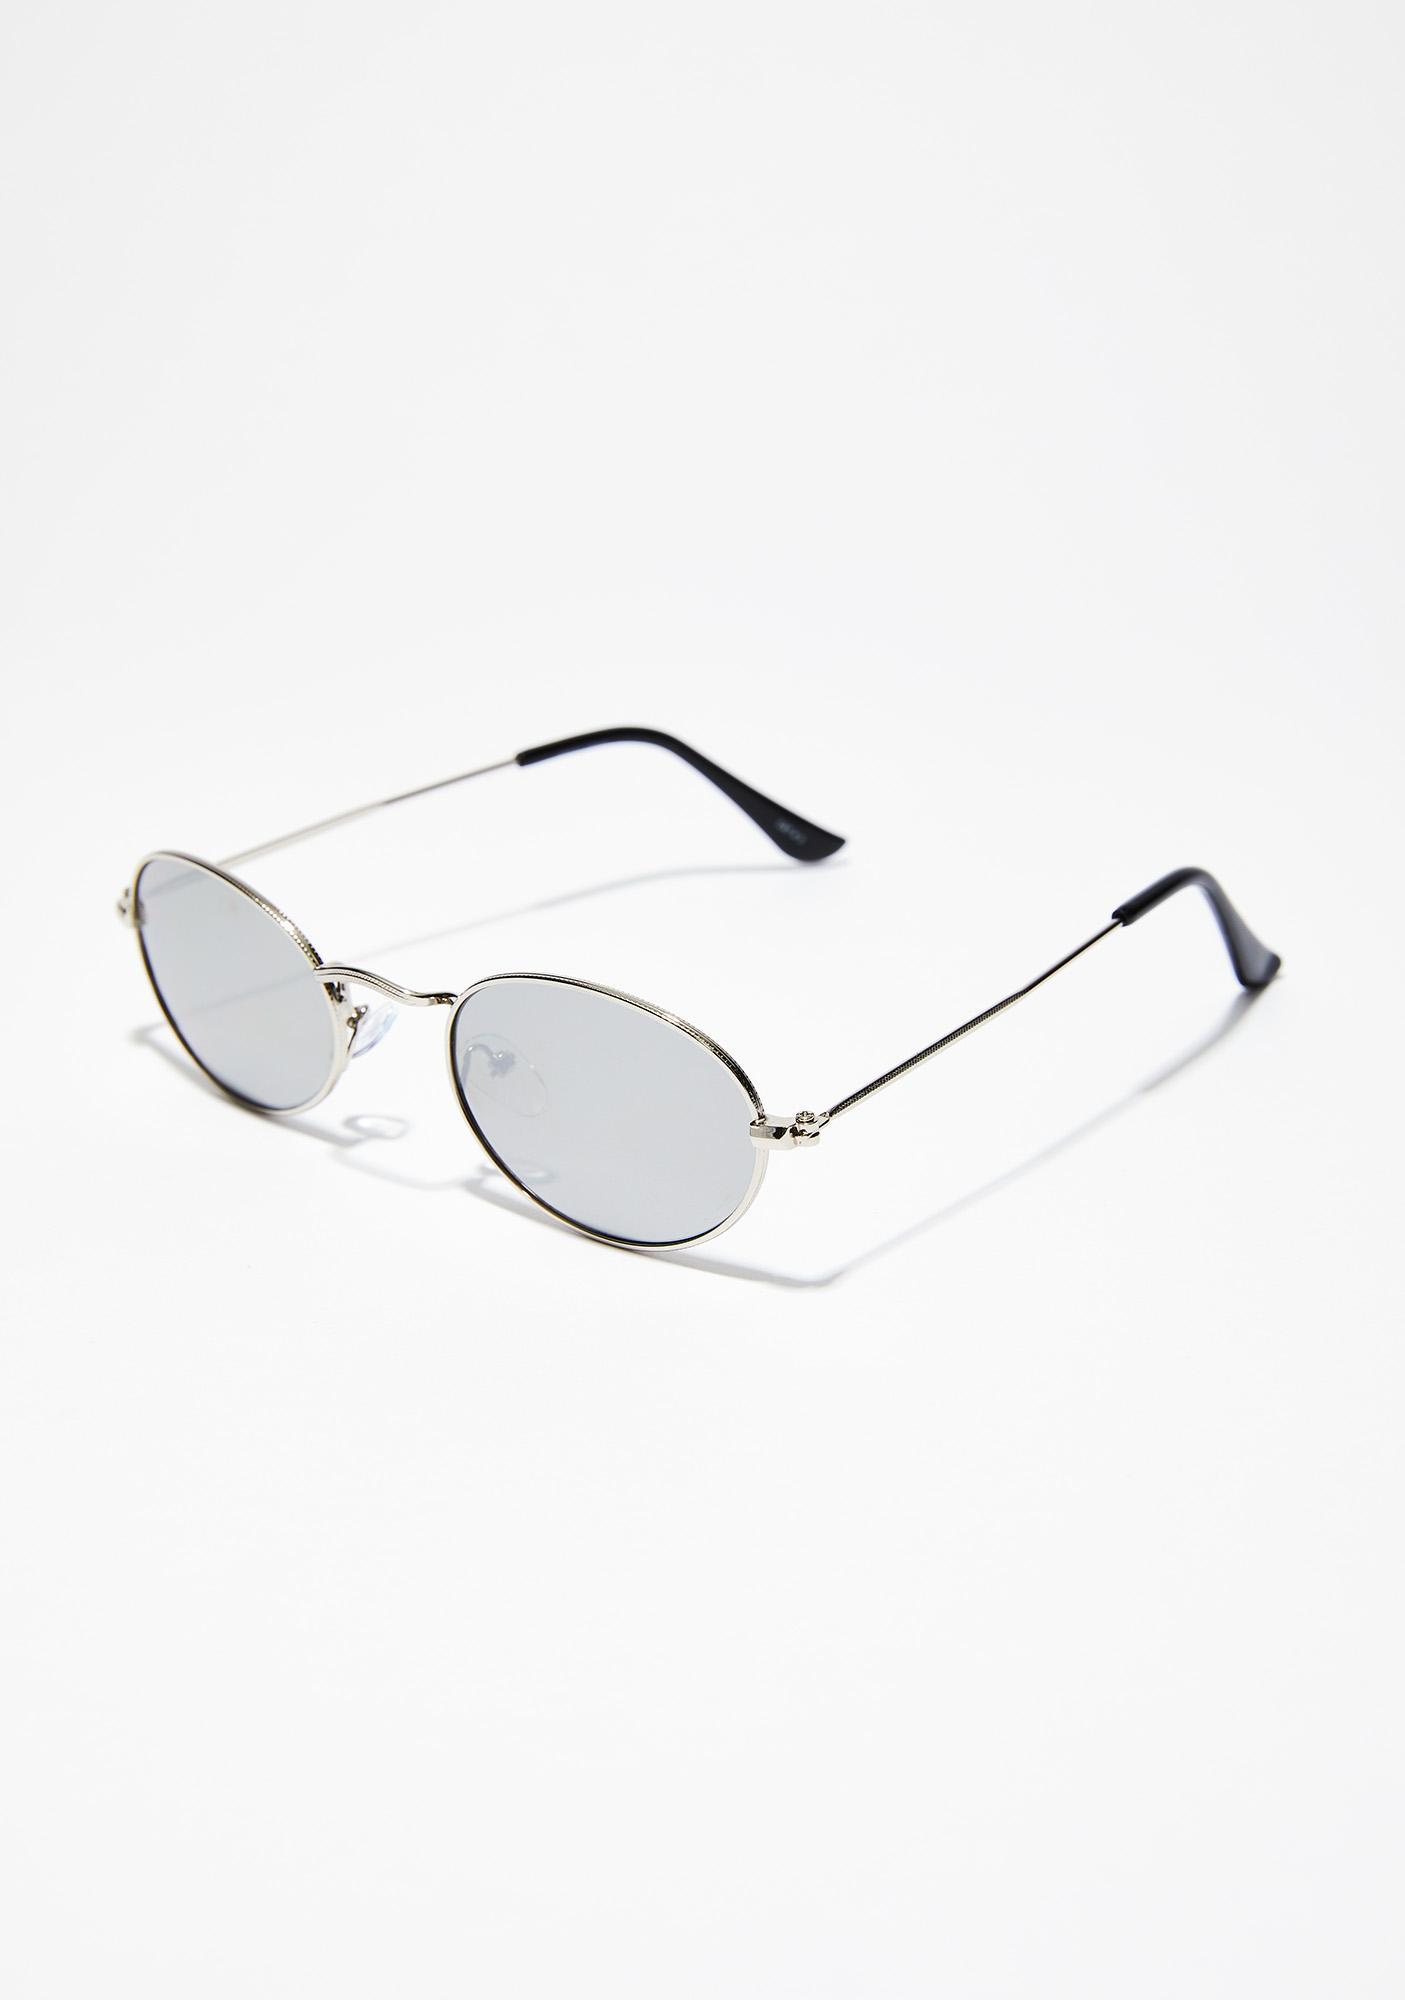 Hot Nights Mirrored Sunglasses